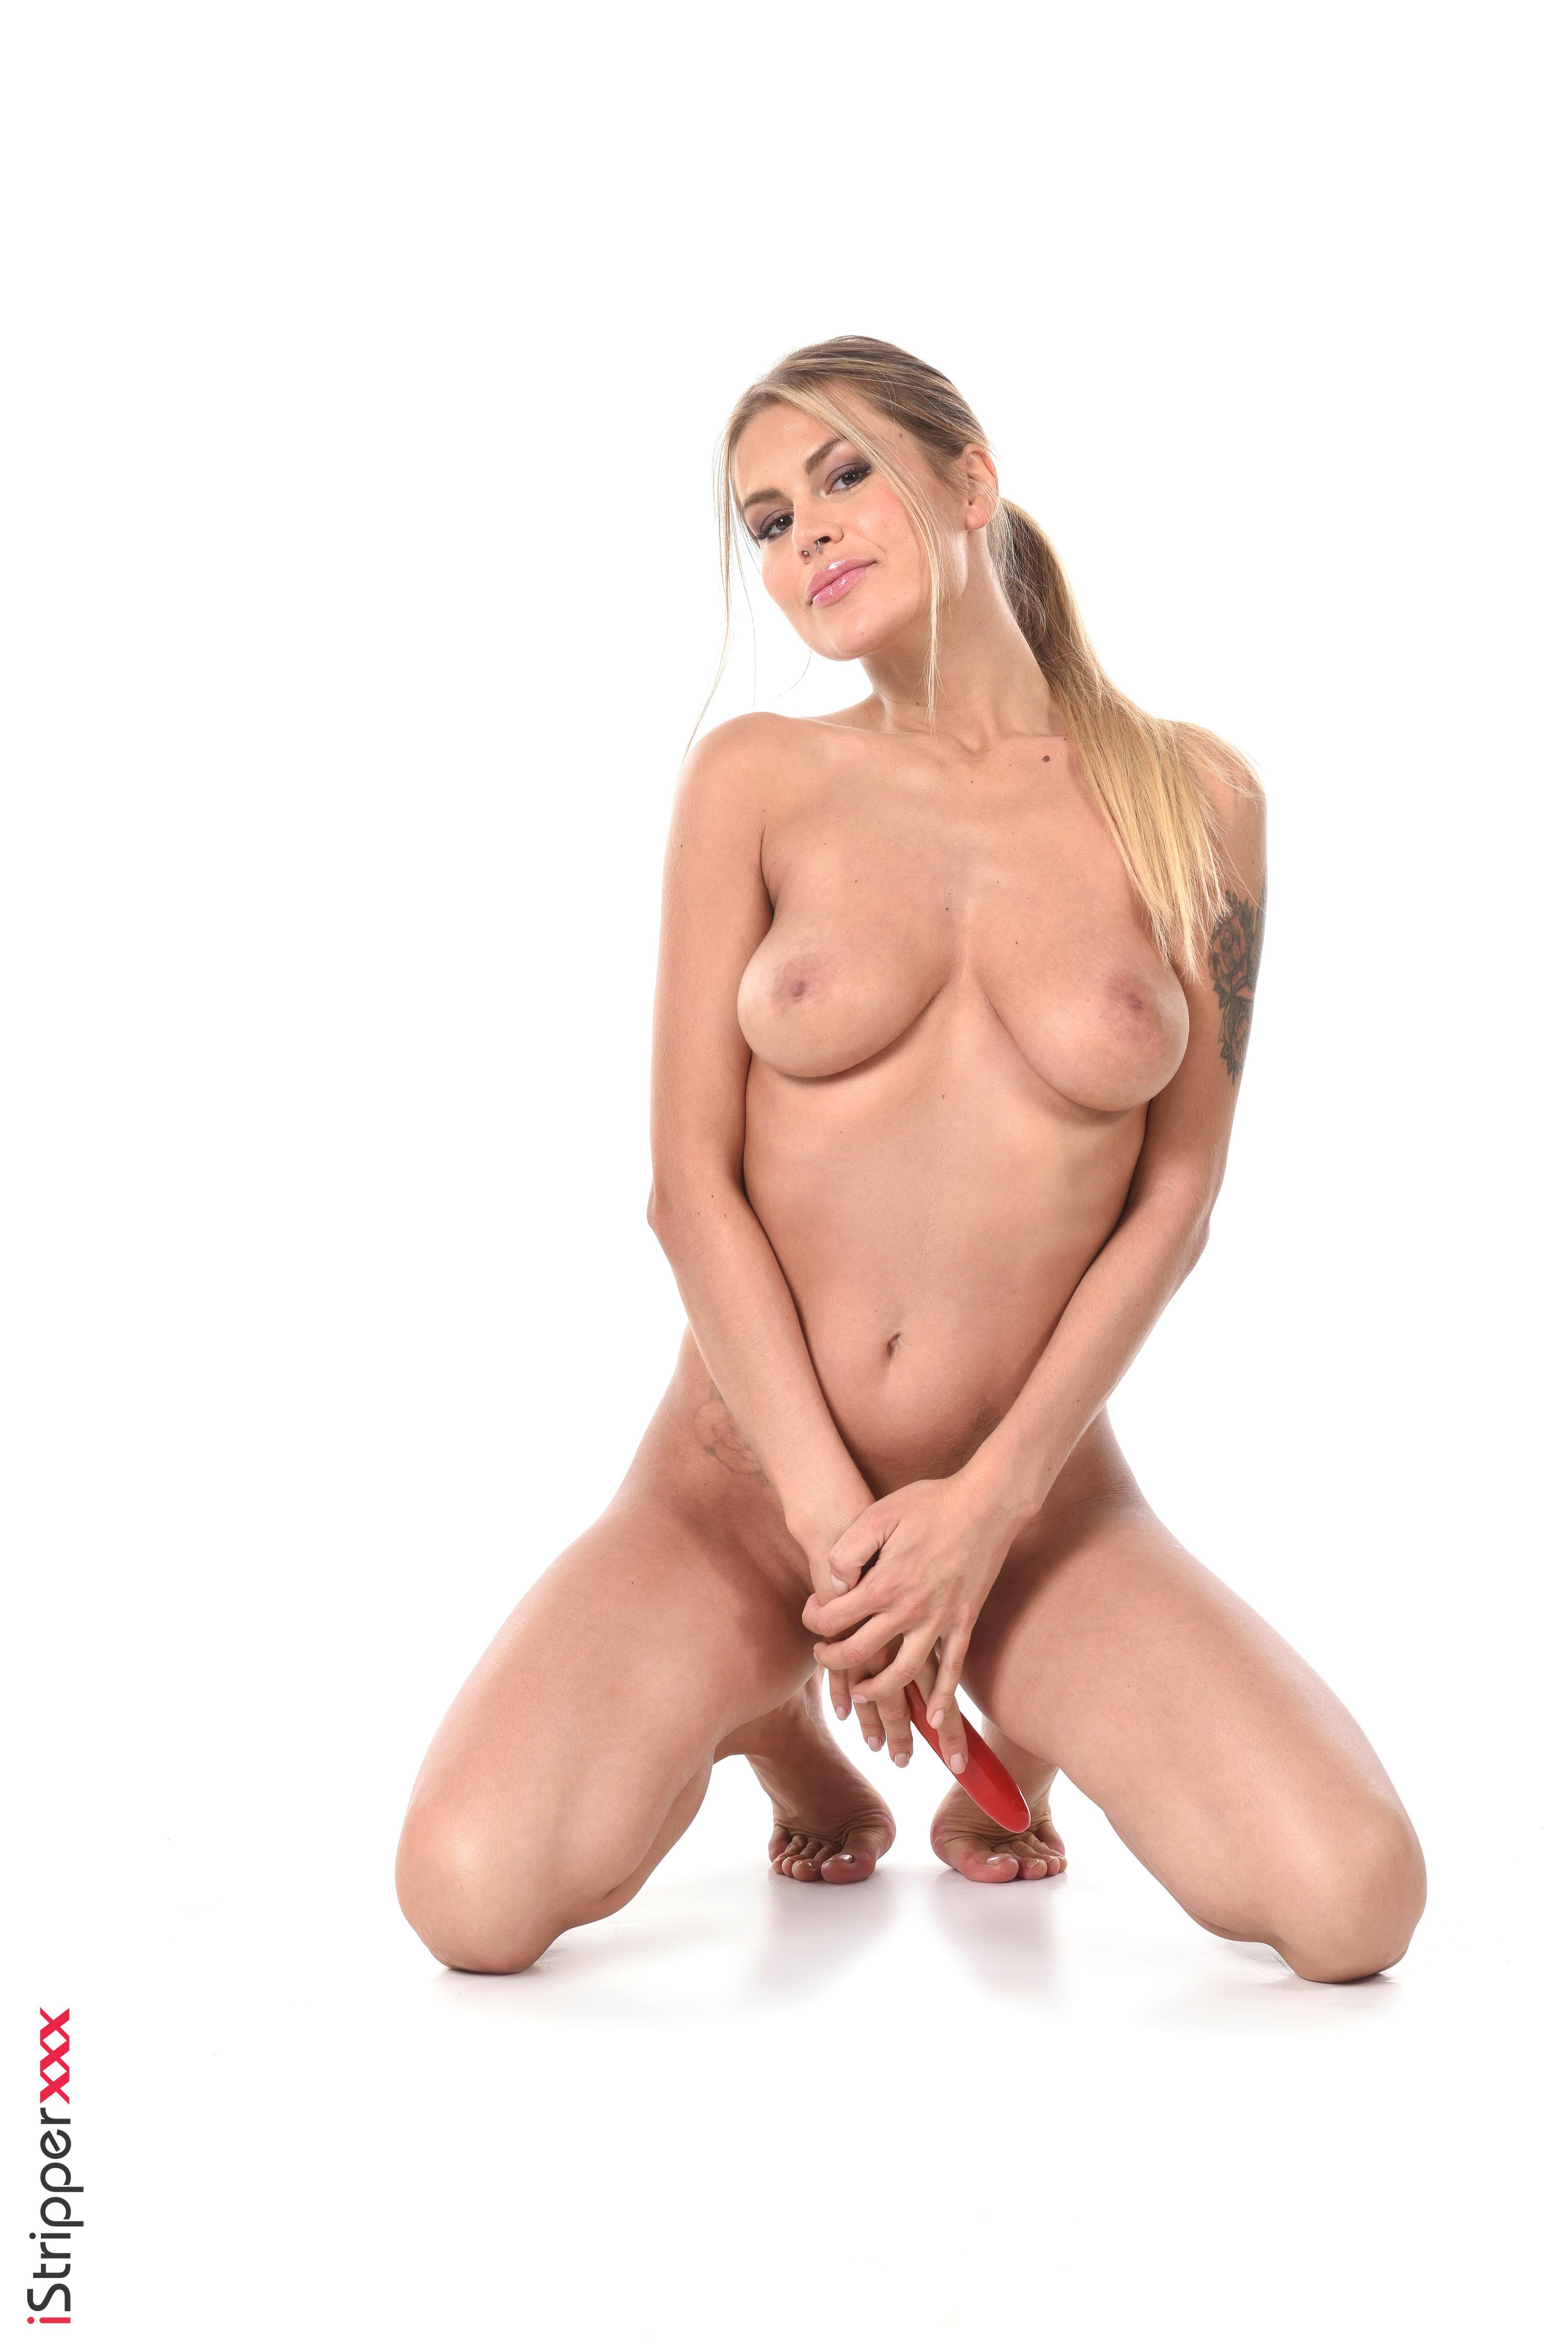 sexy woman wallpaper